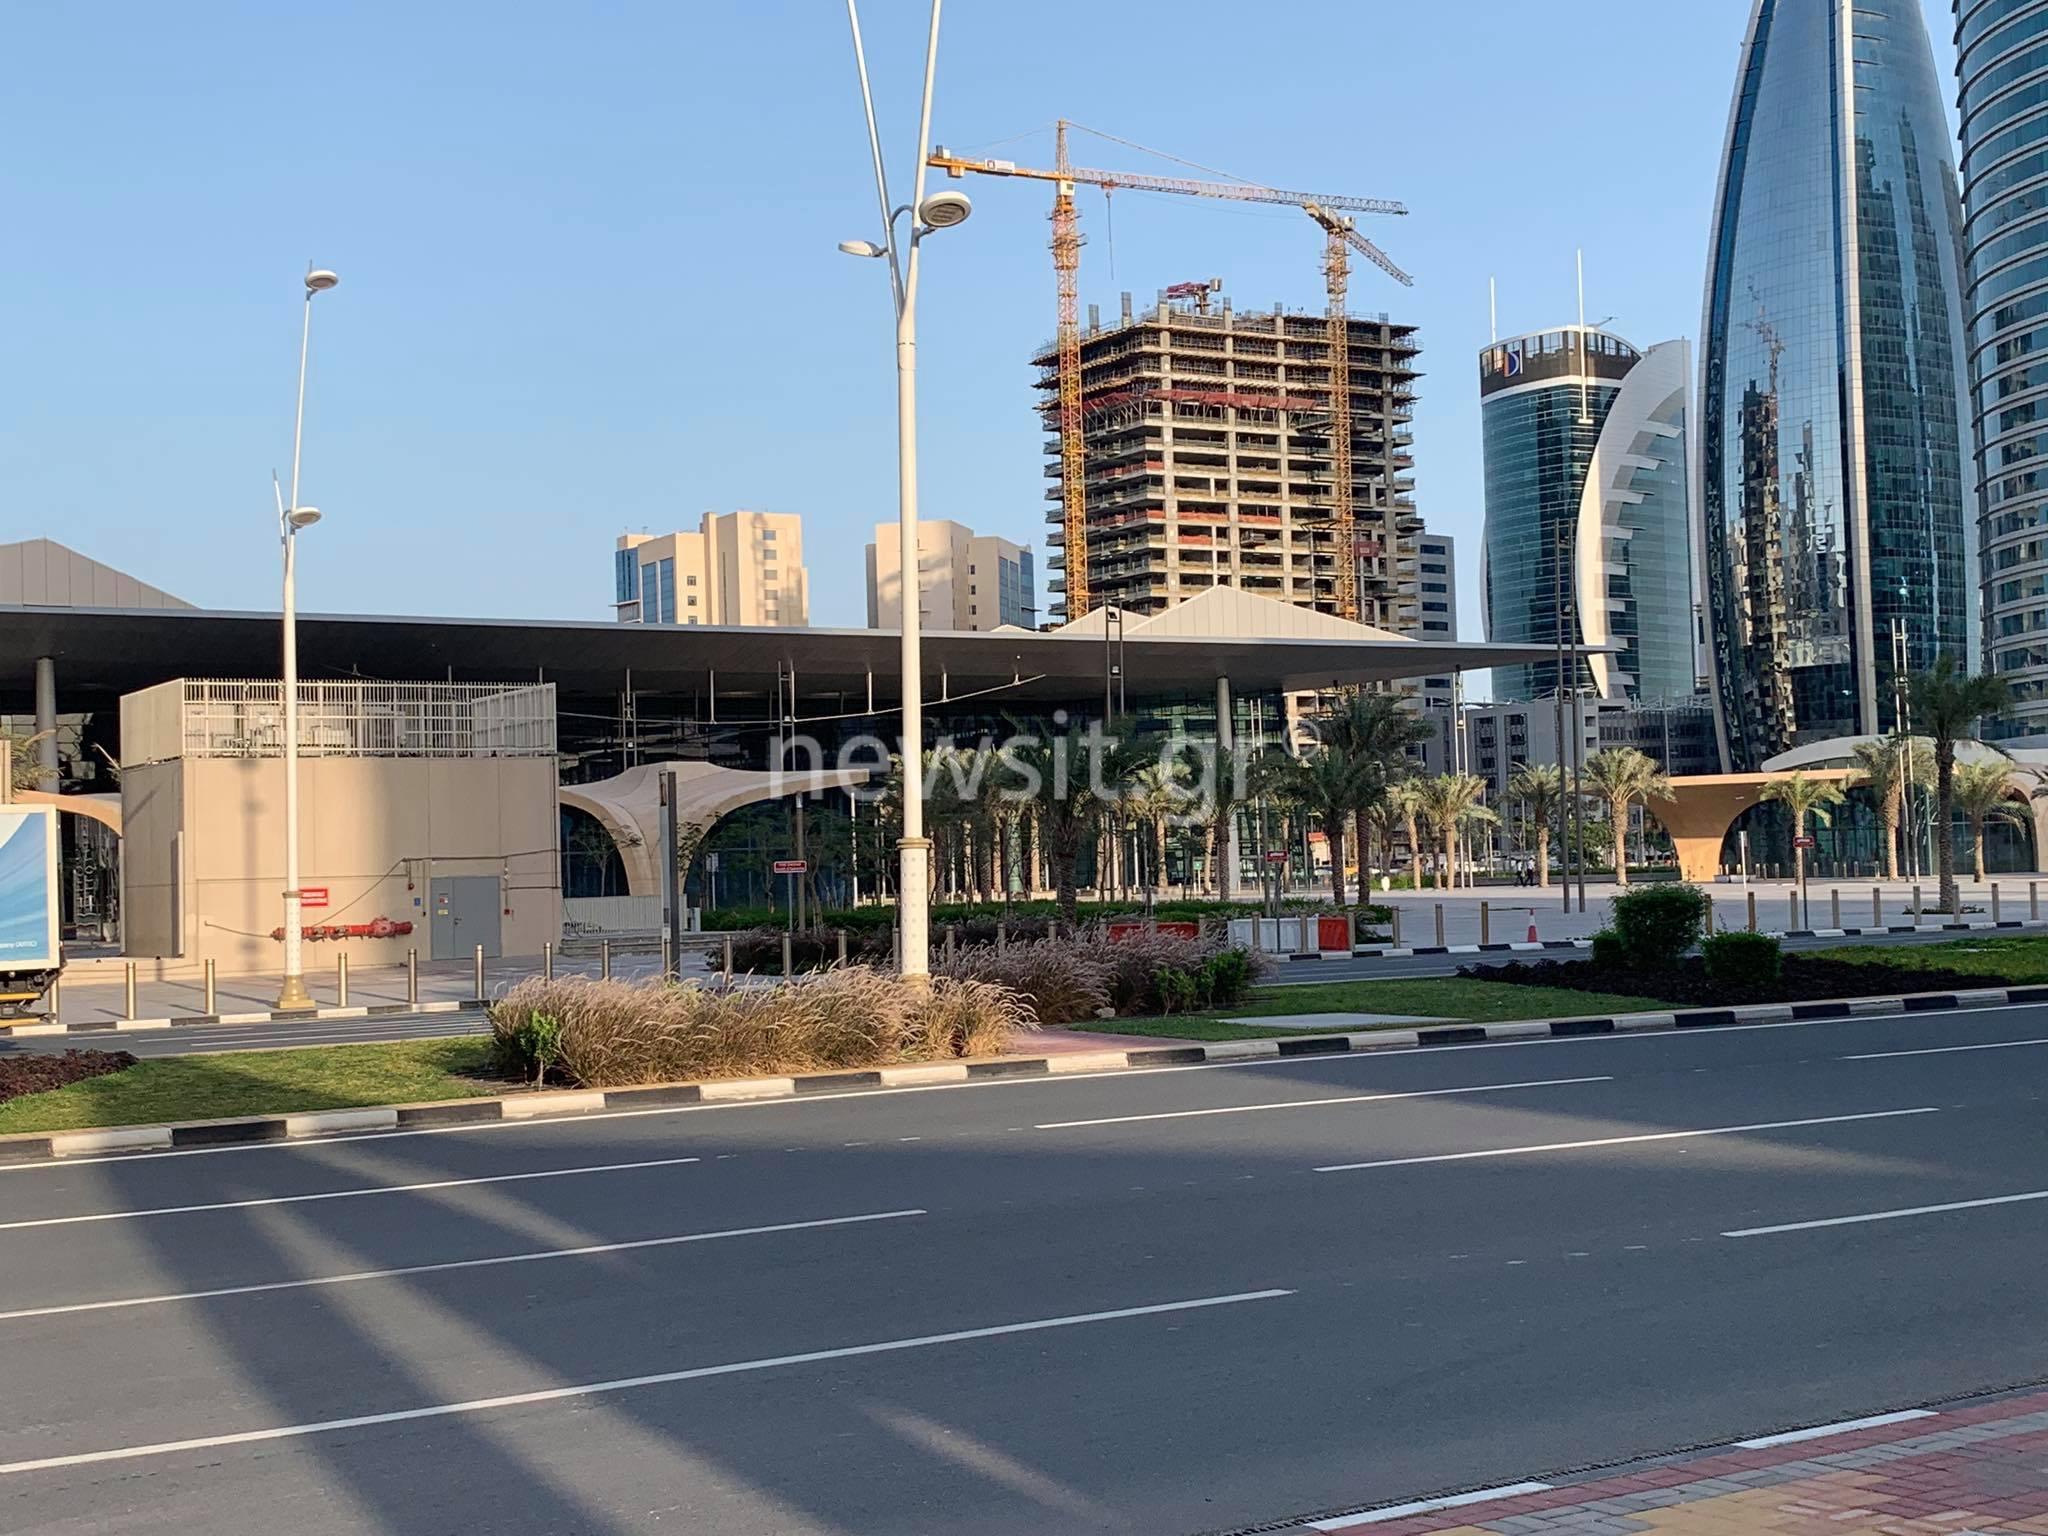 Το newsit.gr στο Κατάρ: Δεν σταματούν ούτε λεπτό λόγω κορονοϊού οι εργασίες για το Μουντιάλ